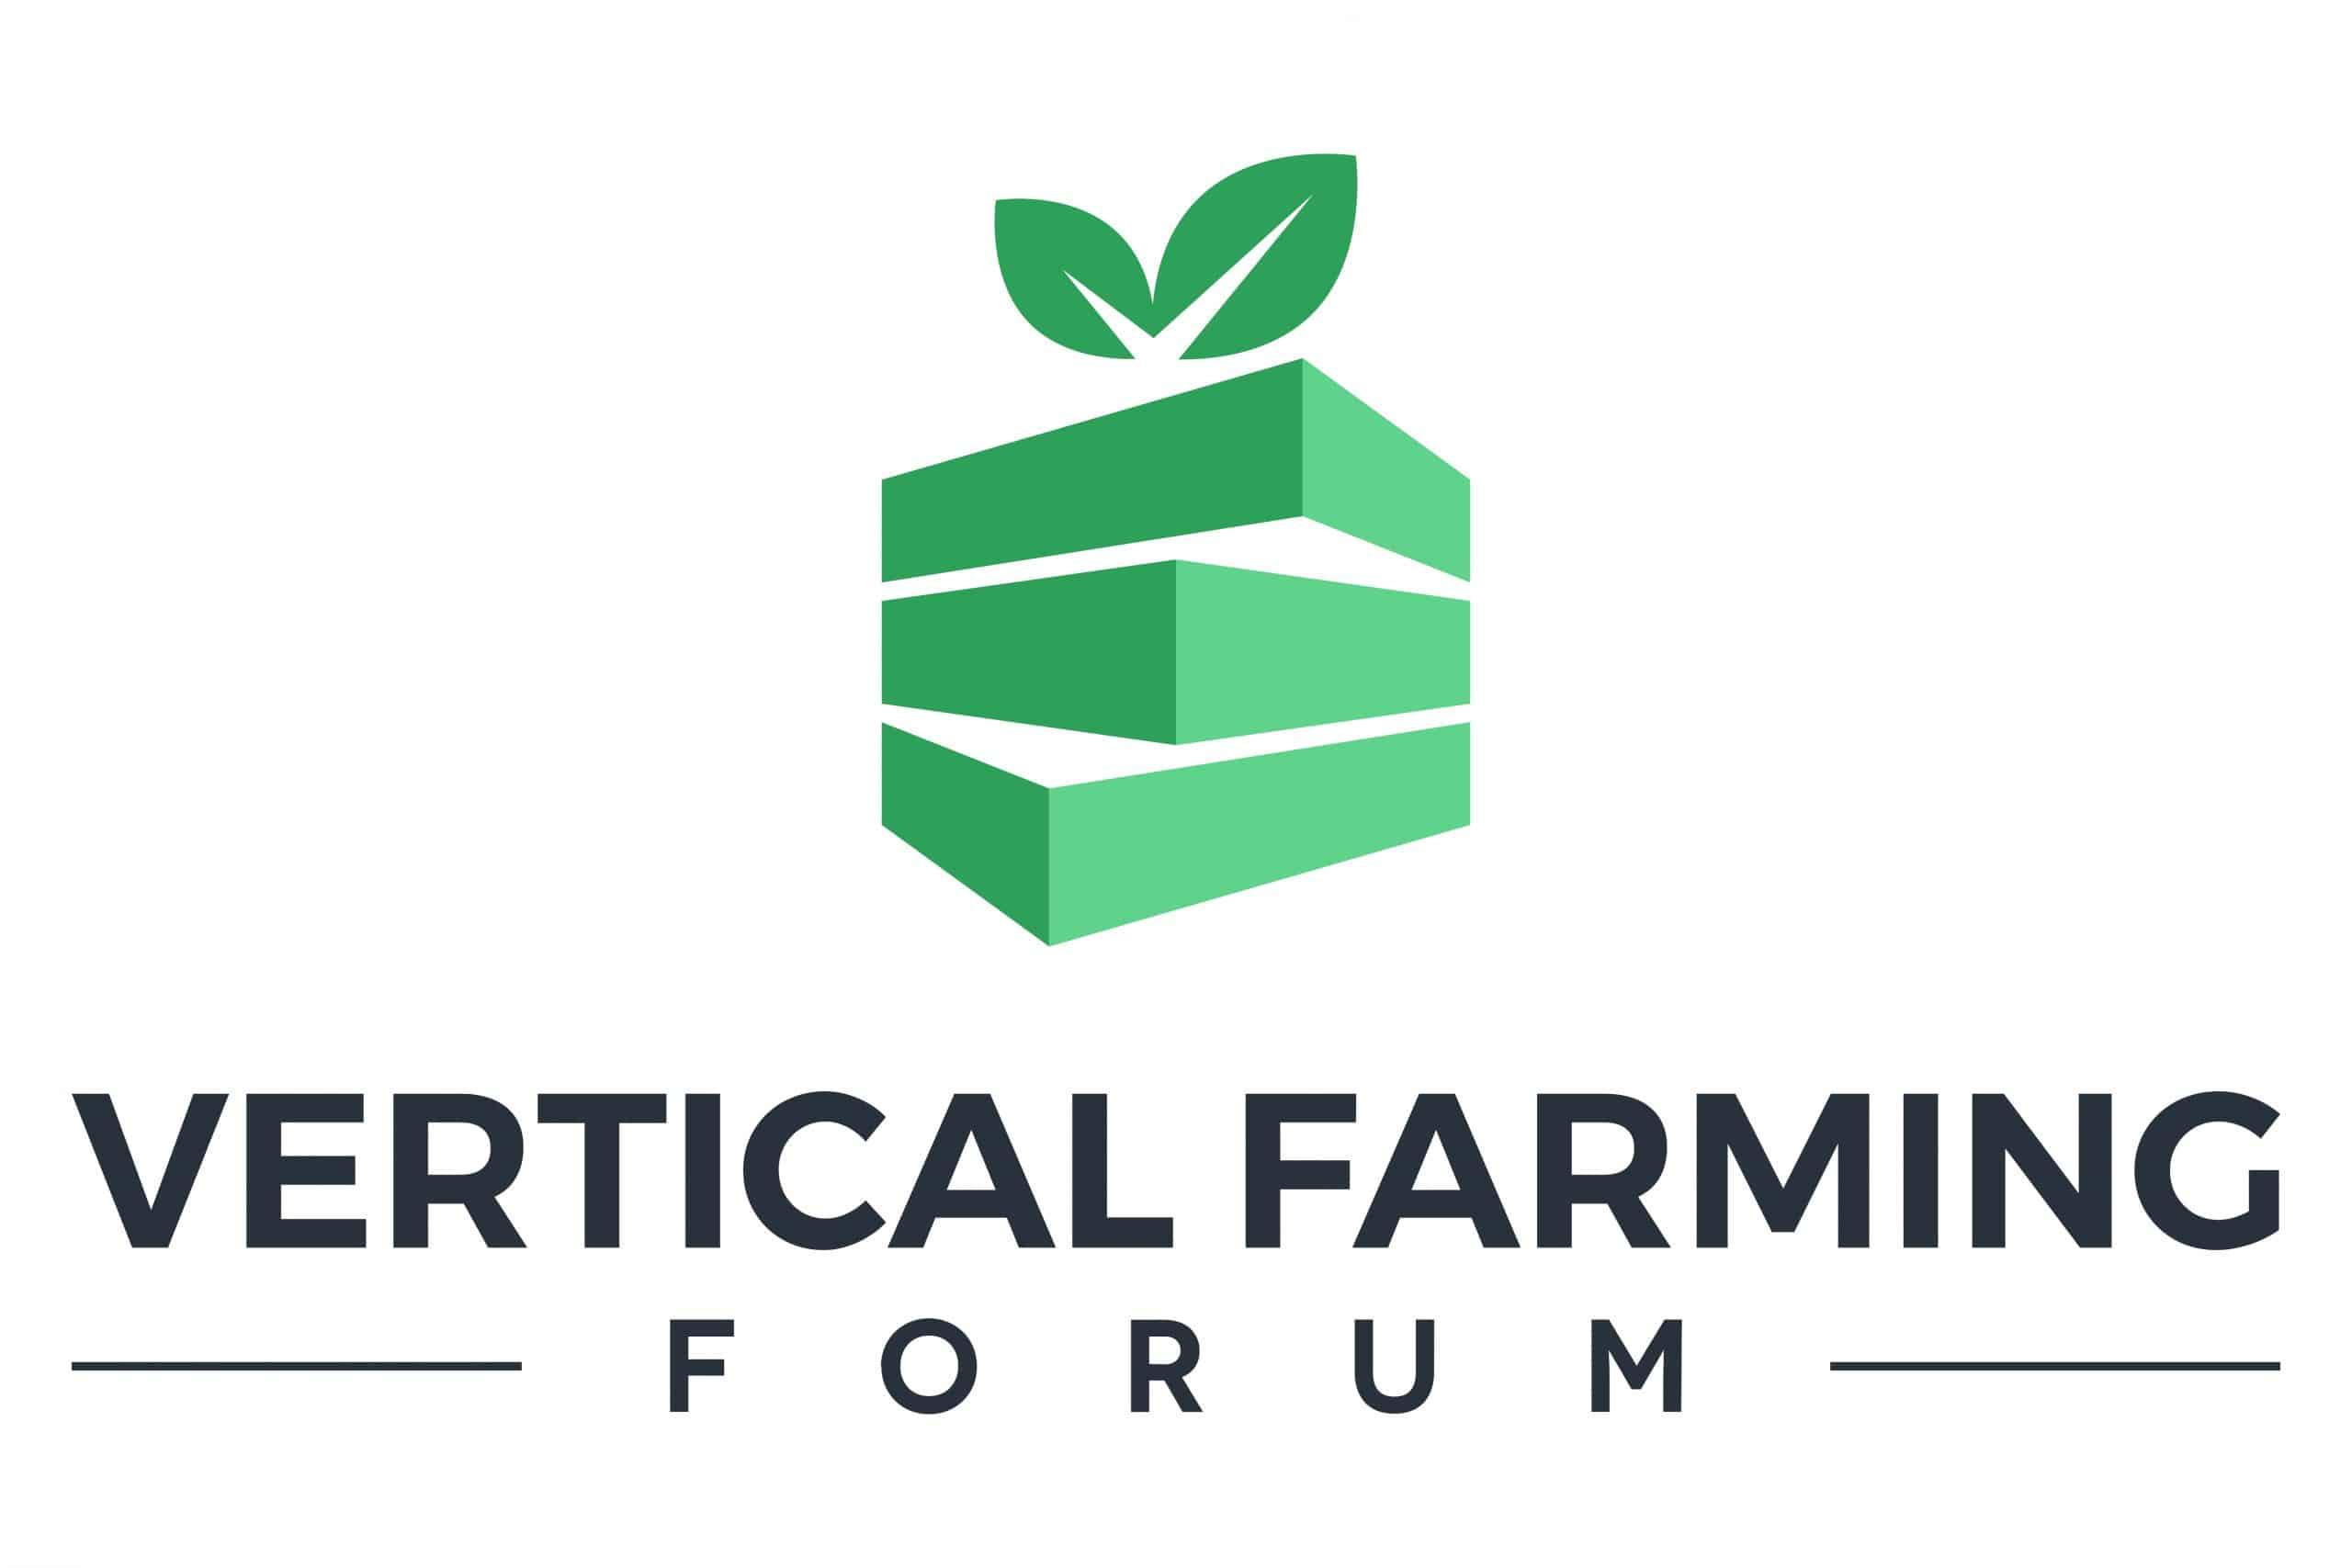 vertical farming logo